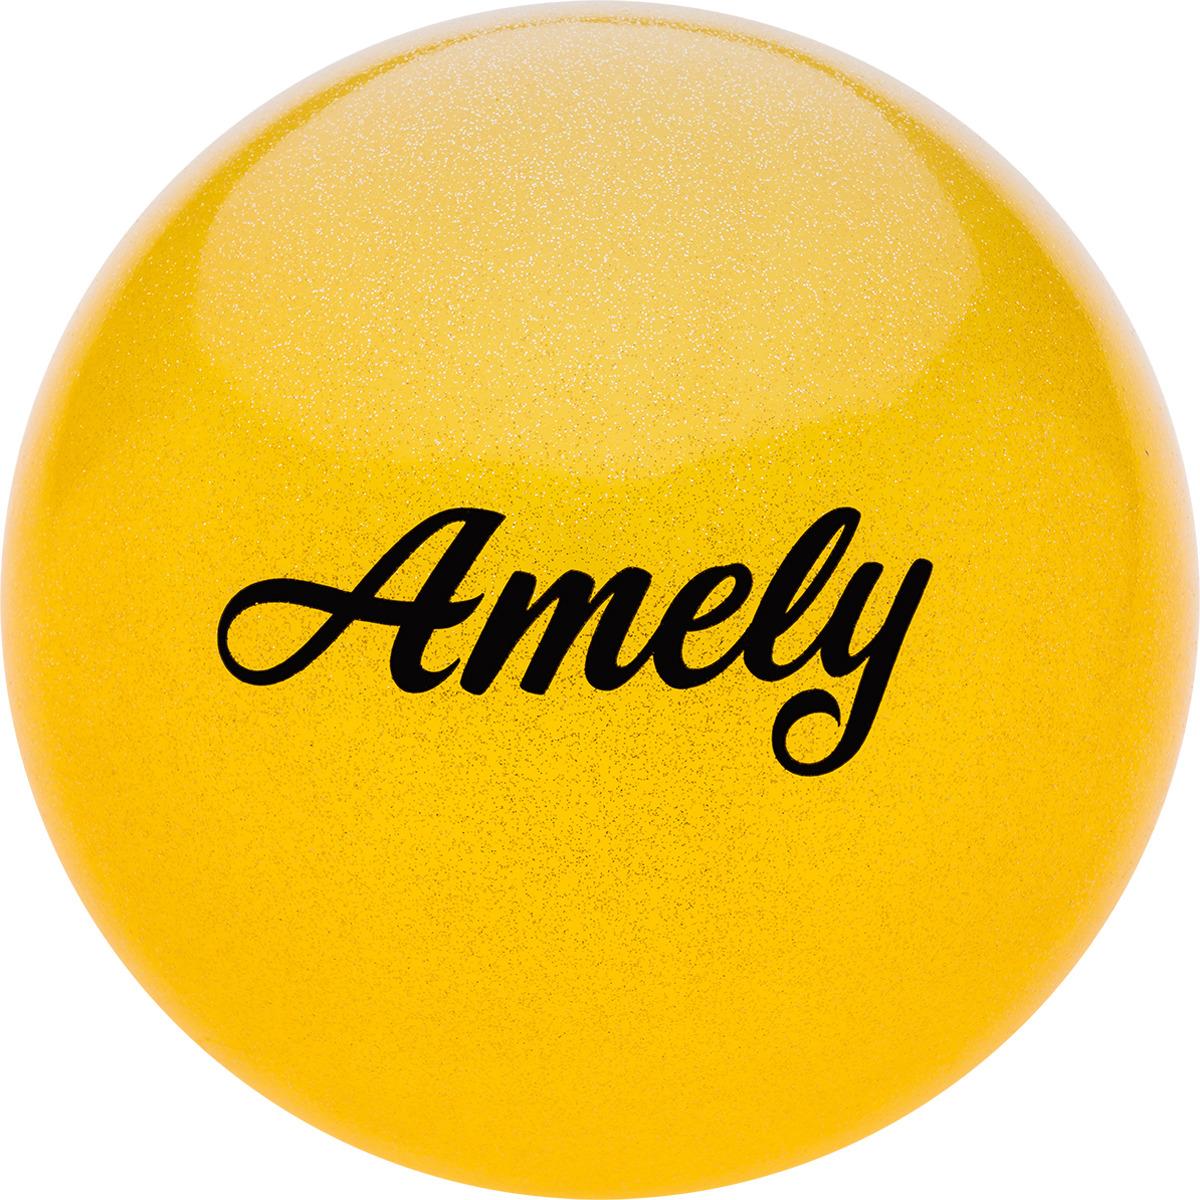 Мяч для художественной гимнастики Amely AGR-102, диаметр 15 см, цвет: желтый с блестками женский купальник для художественной гимнастики черный бирюзовый с блестками